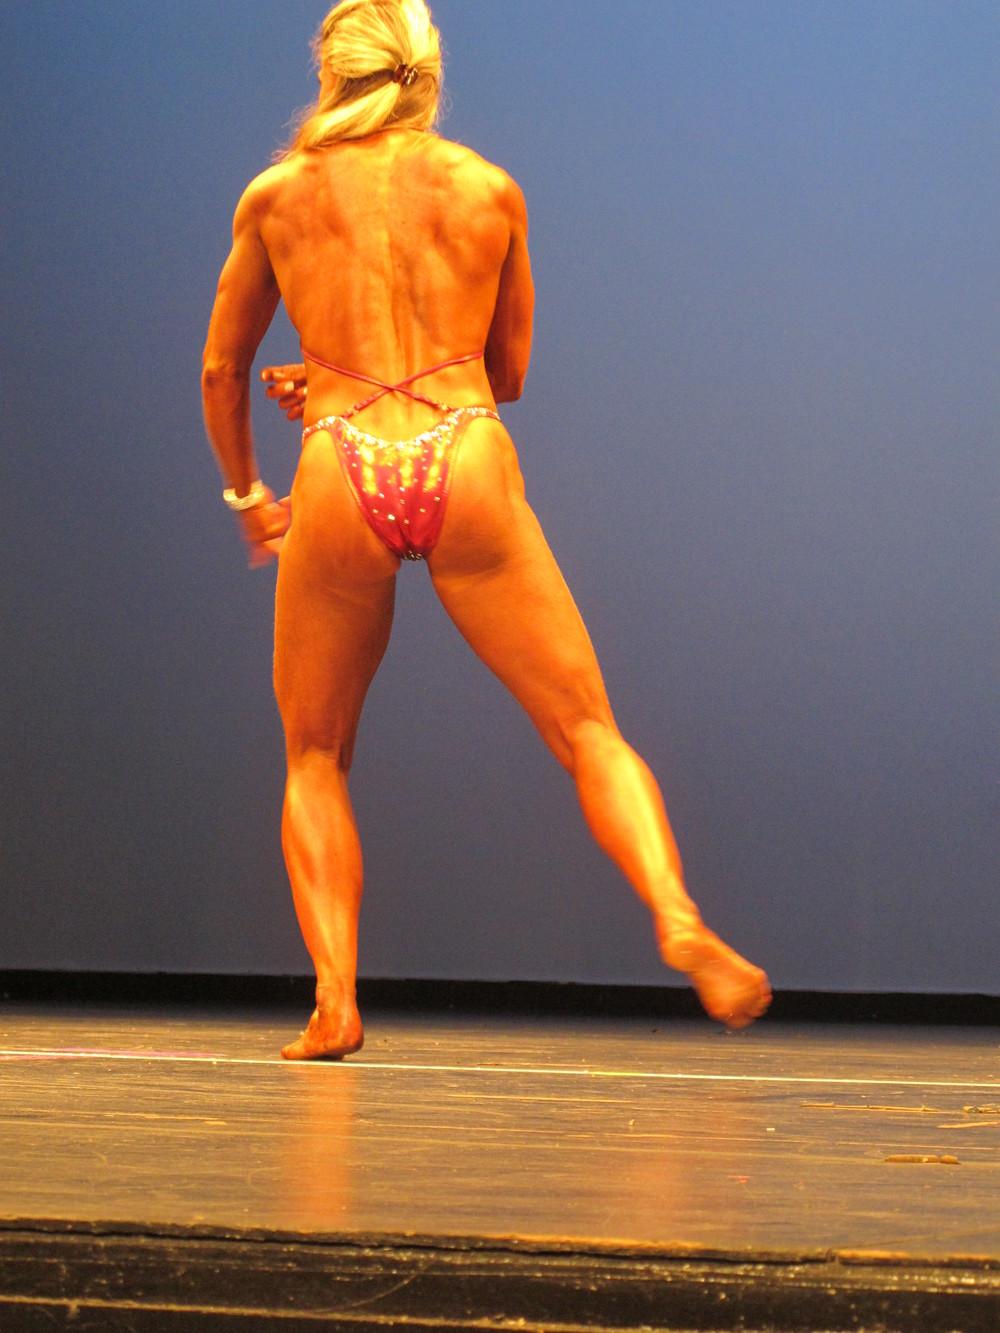 bodybuilding 134.jpg